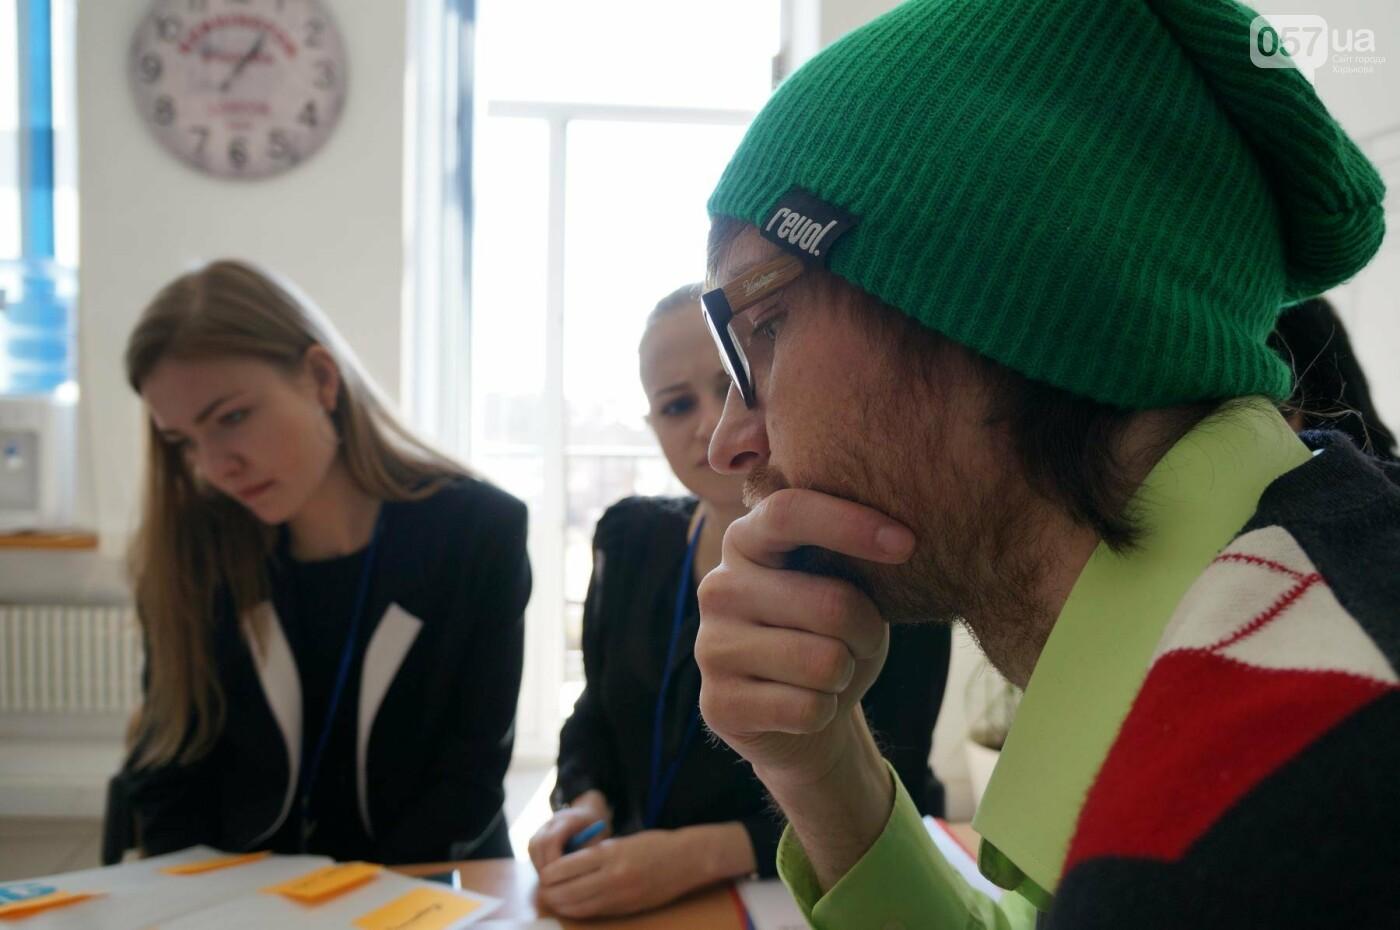 Курсы английского в Харькове ᐈ куда пойти учить английский?, фото-65